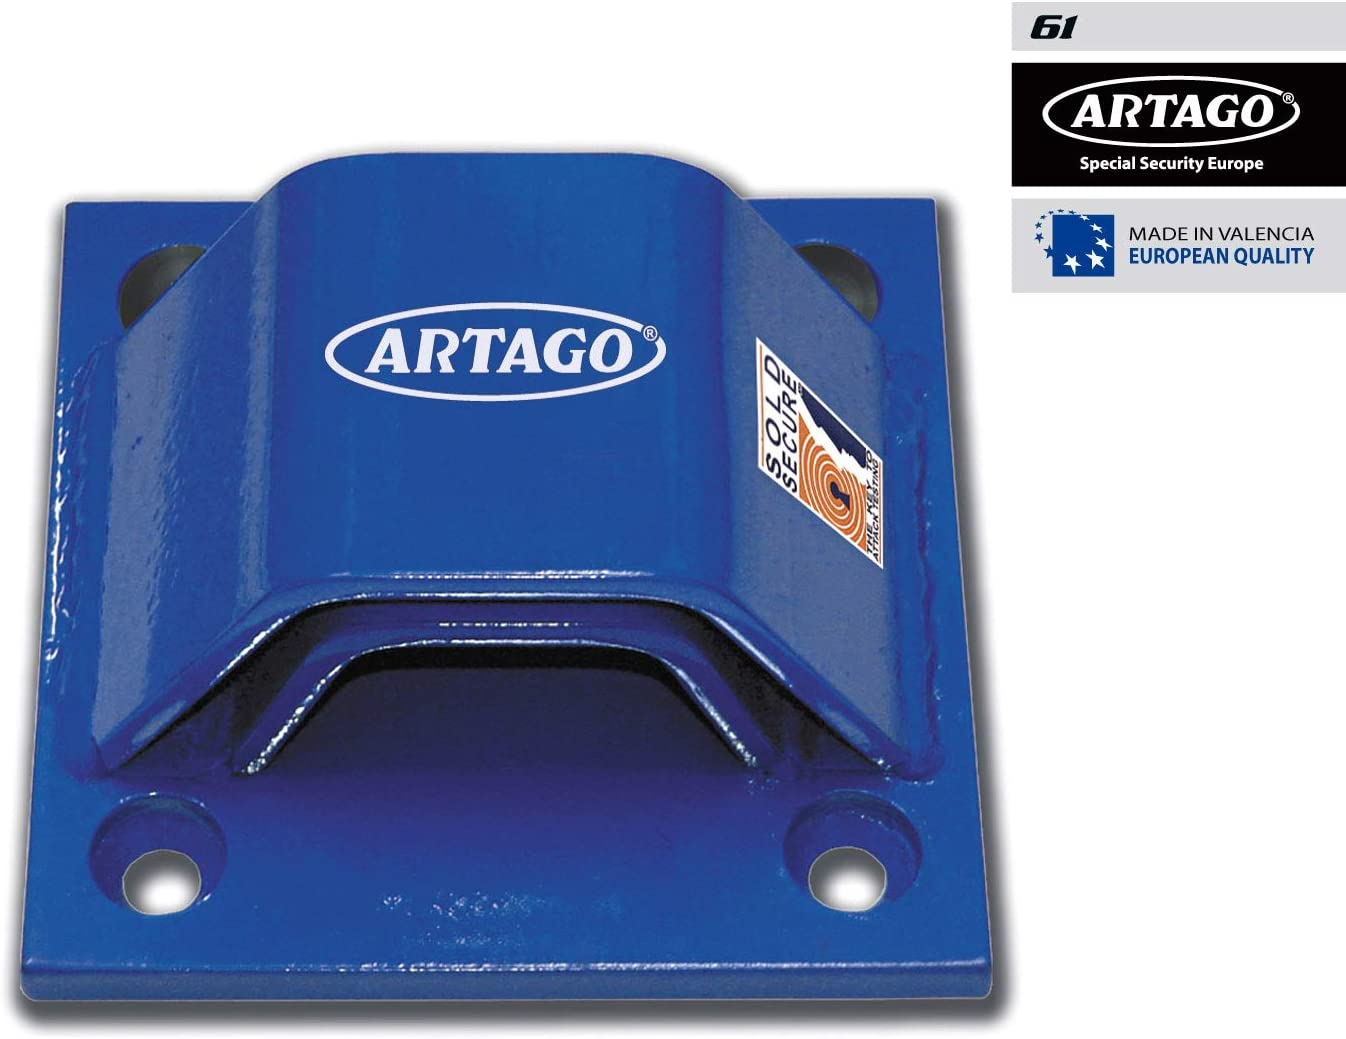 Artago 61 Anclaje Suelo Alta Seguridad Doble Puente Homologado Sold Secure, Tacos Especiales Blindados, Azul: Amazon.es: Coche y moto